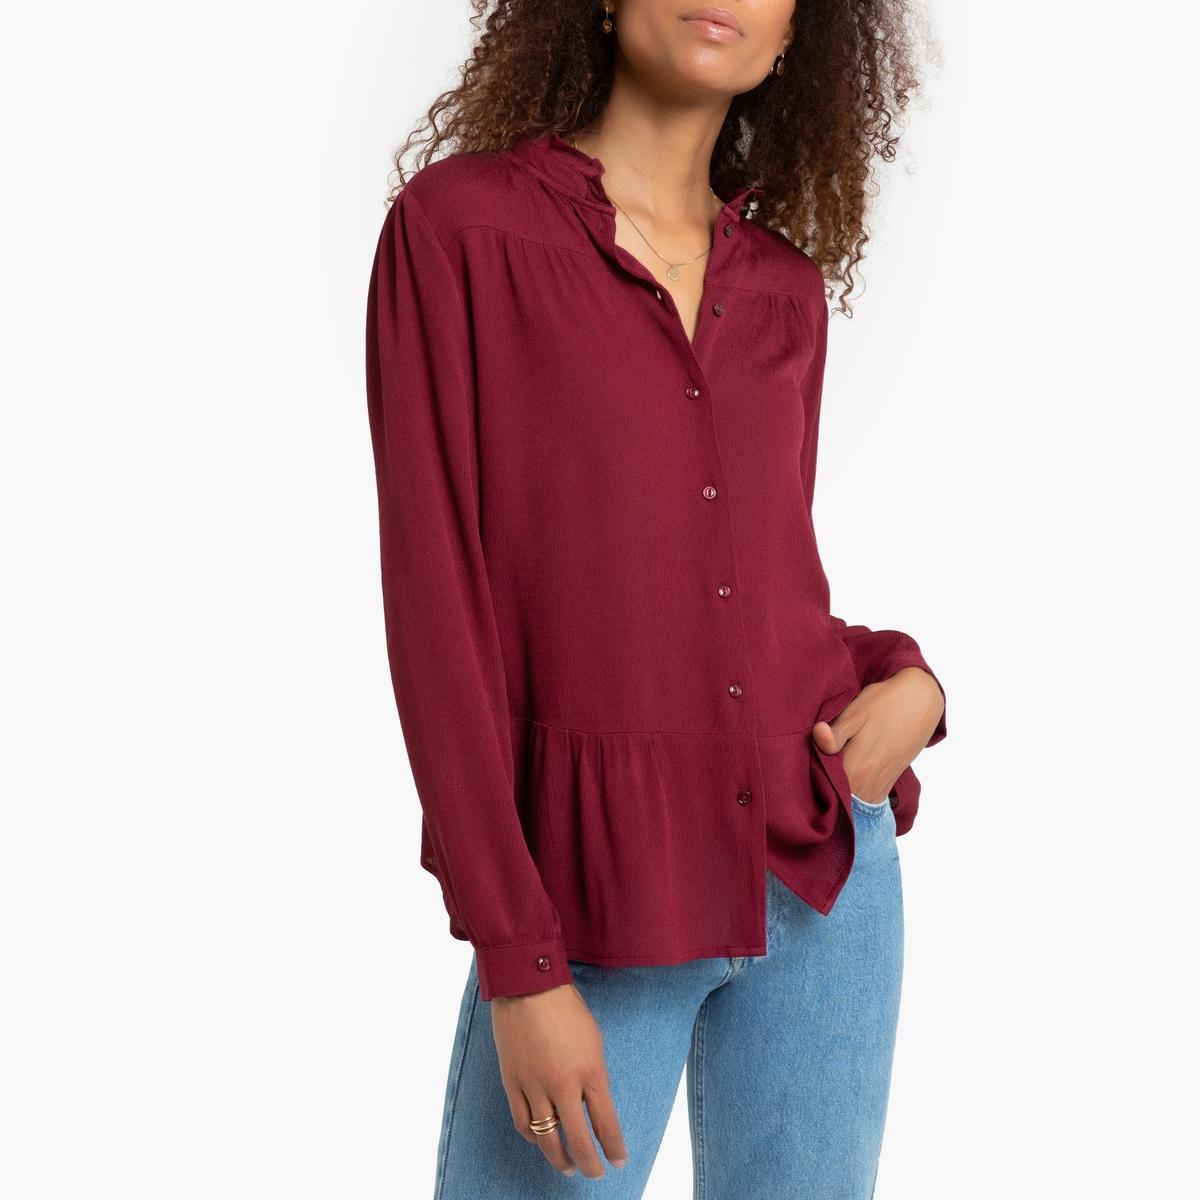 Блузка La Redoute С круглым вырезом и баской с длинными рукавами 0(XS) розовый футболка с круглым вырезом с длинными рукавами с воланом